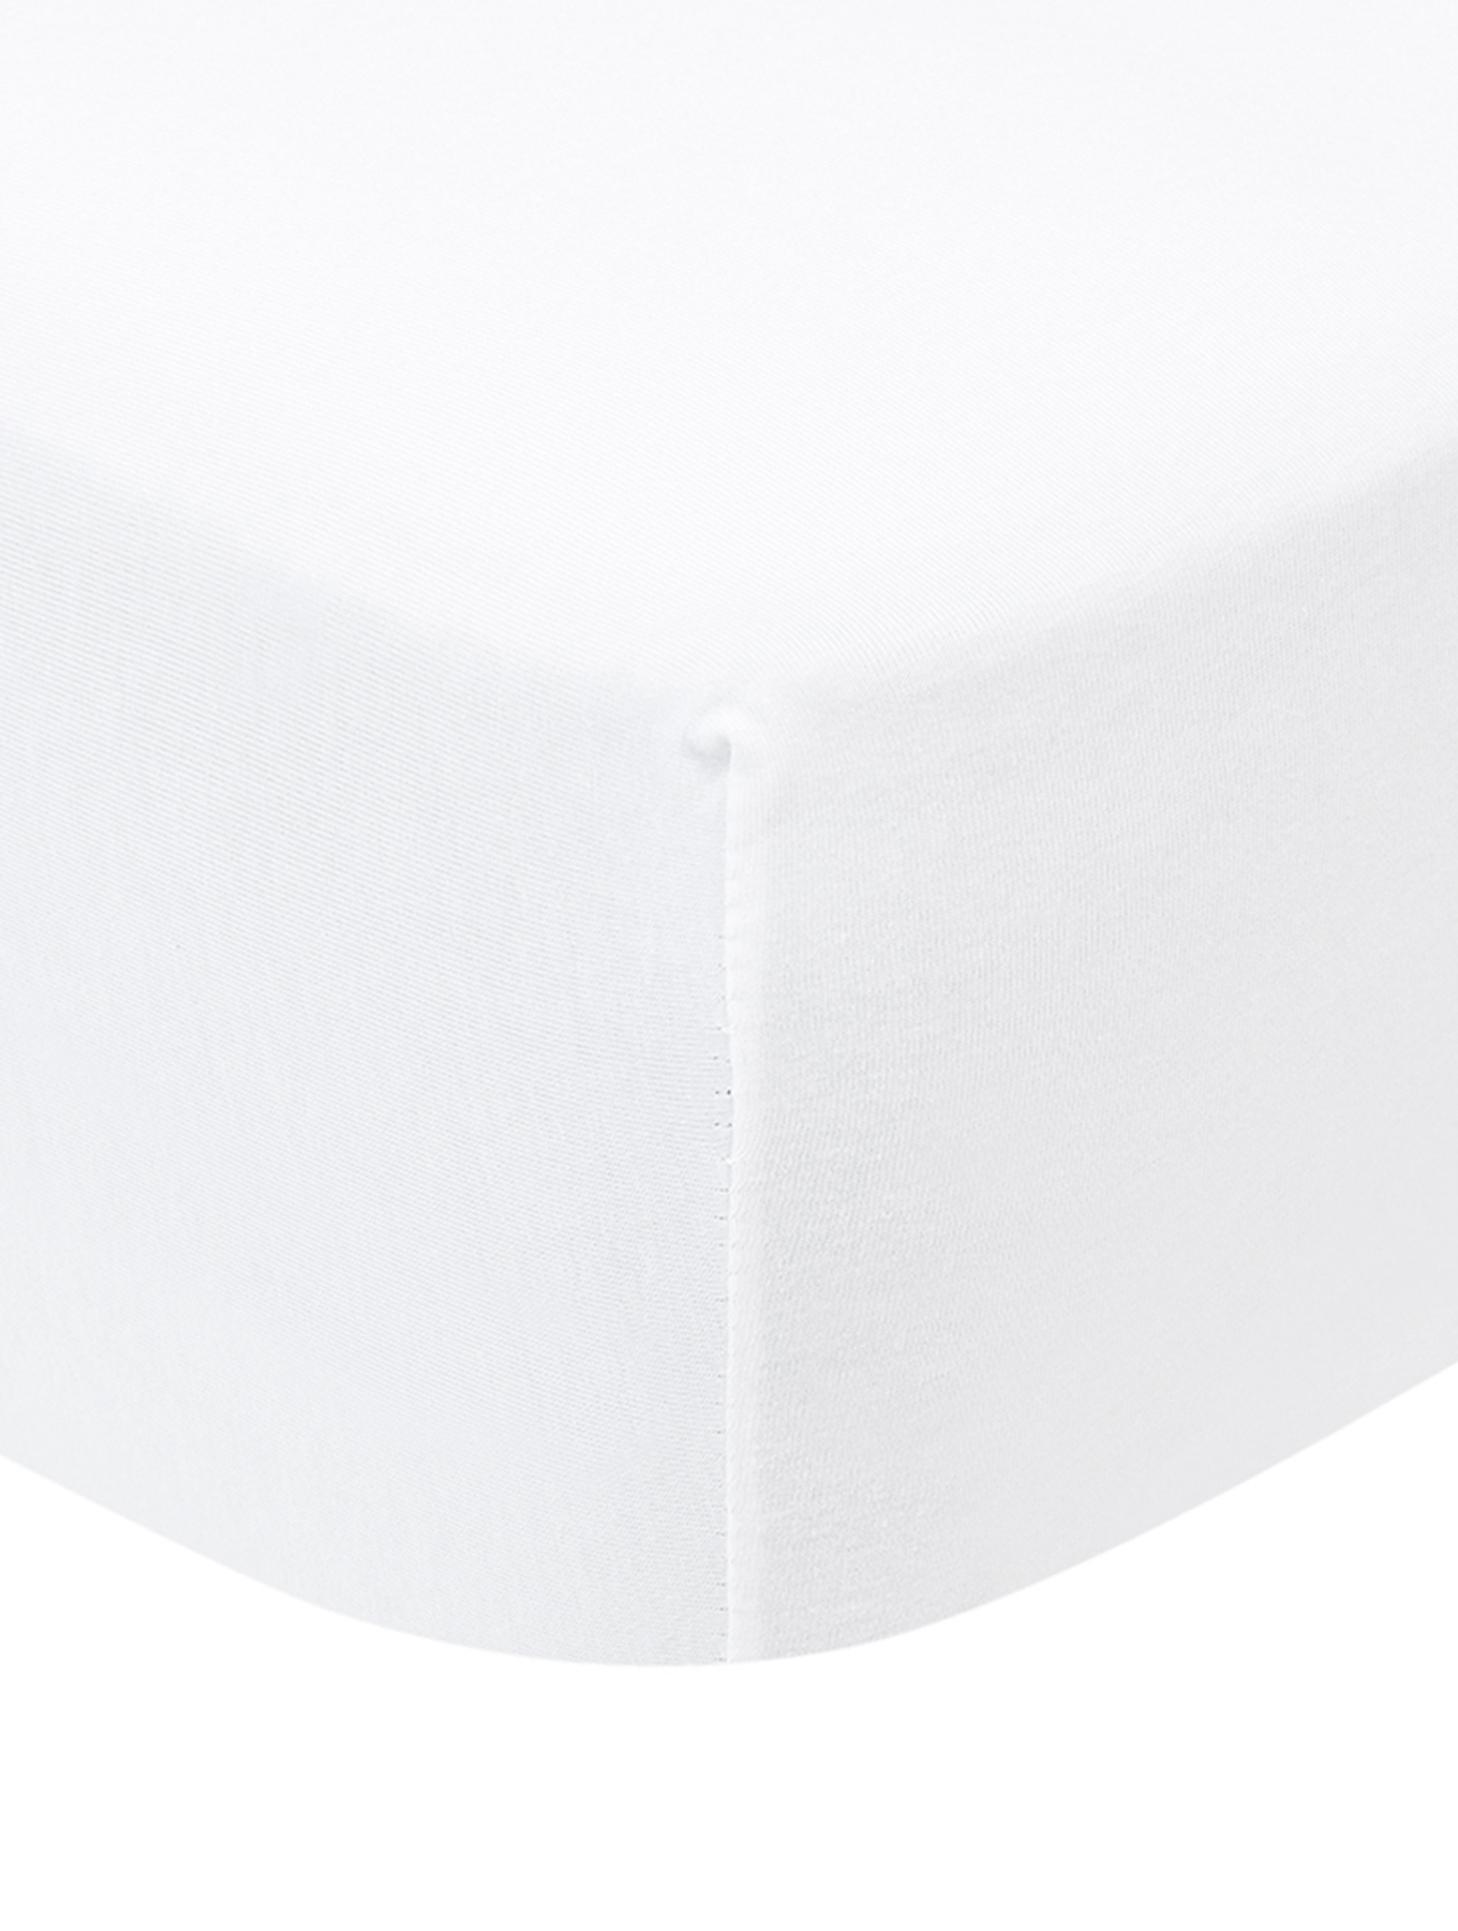 Topper-Spannbettlaken Lara, Jersey-Elasthan, 95% Baumwolle, 5% Elasthan, Weiß, 180 x 200 cm